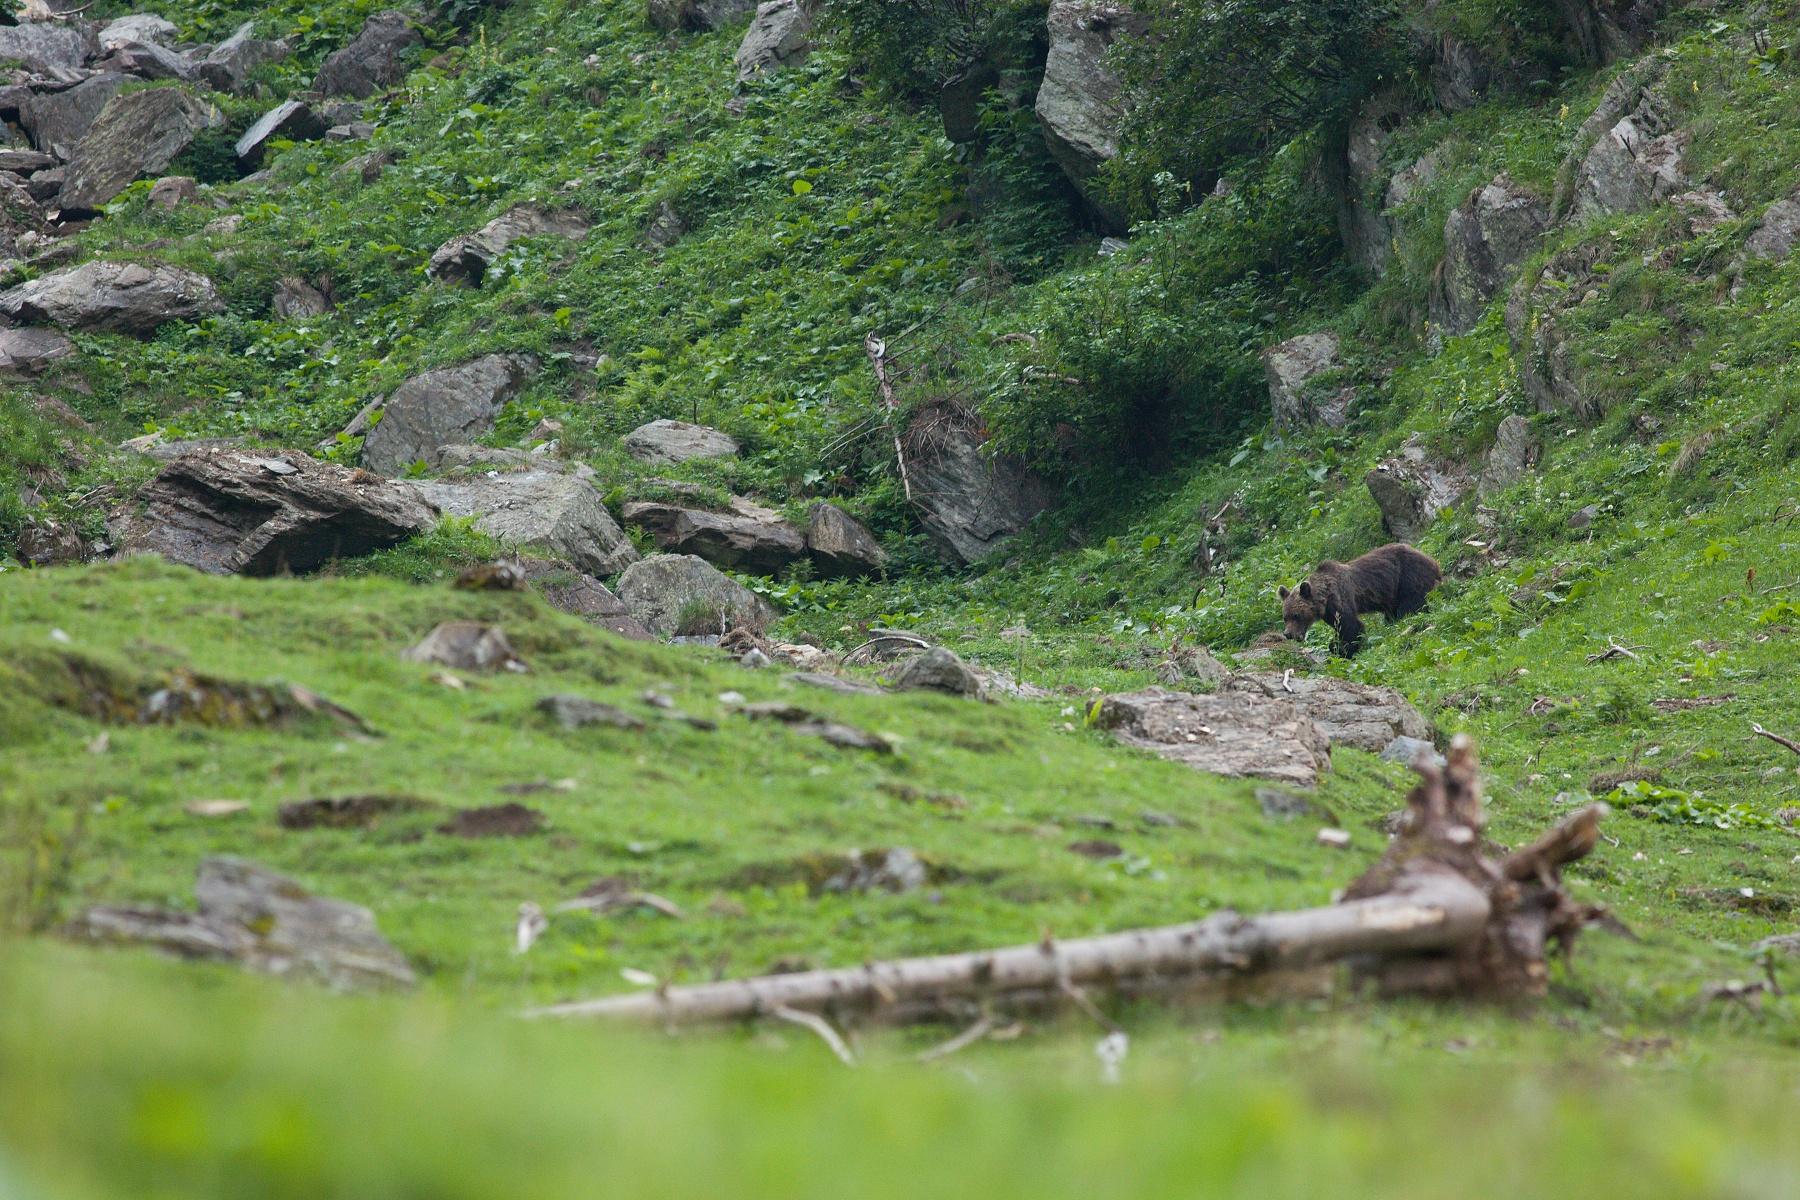 medveď hnedý (Ursus arctos) Brown bear, Valea Arpasului, Munții Făgăraș, Romania Canon EOS 5D mark III, Canon 400 mm f5.6 L USM, f6.3, 1/200, ISO 1600, 31. august 2018